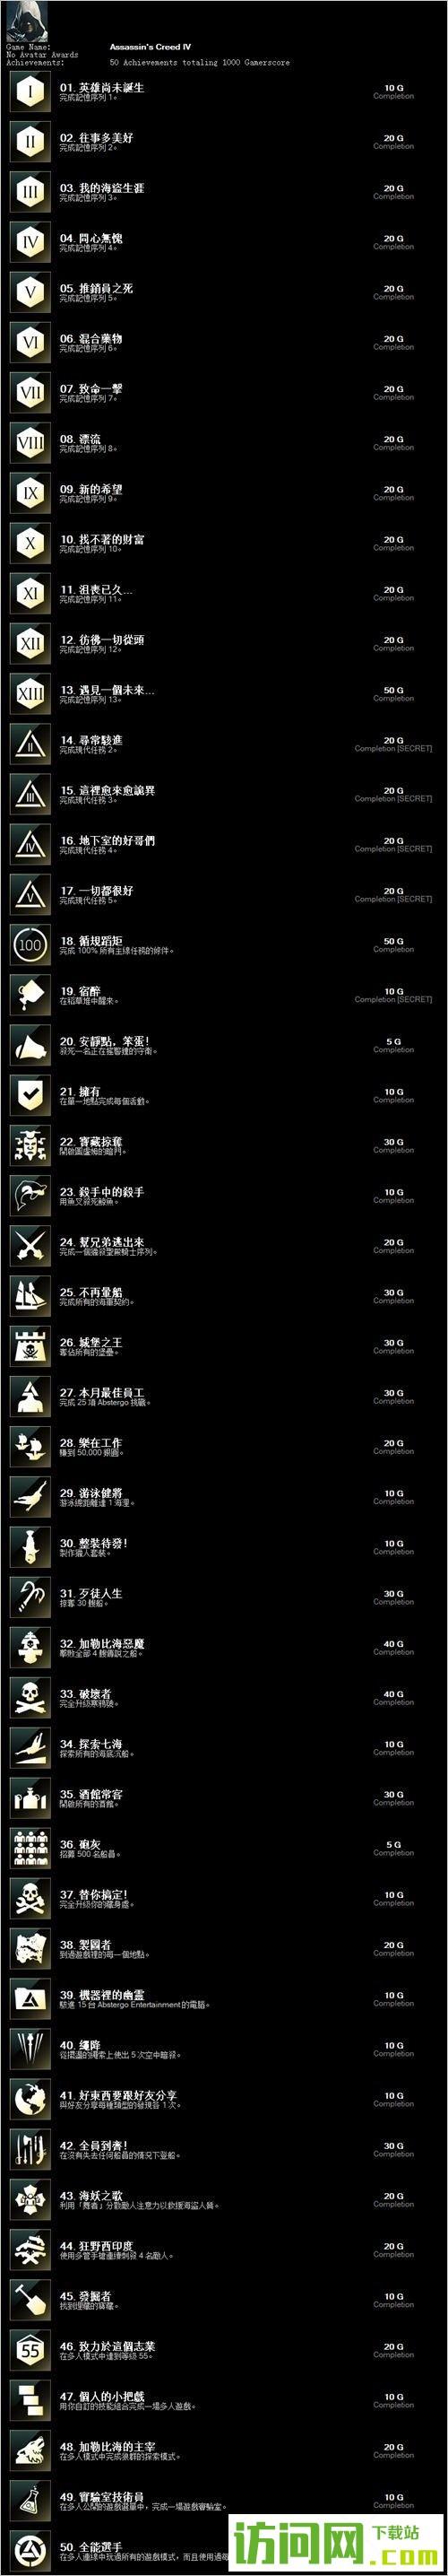 《刺客信条4:黑旗》官方繁体中文全成就列表